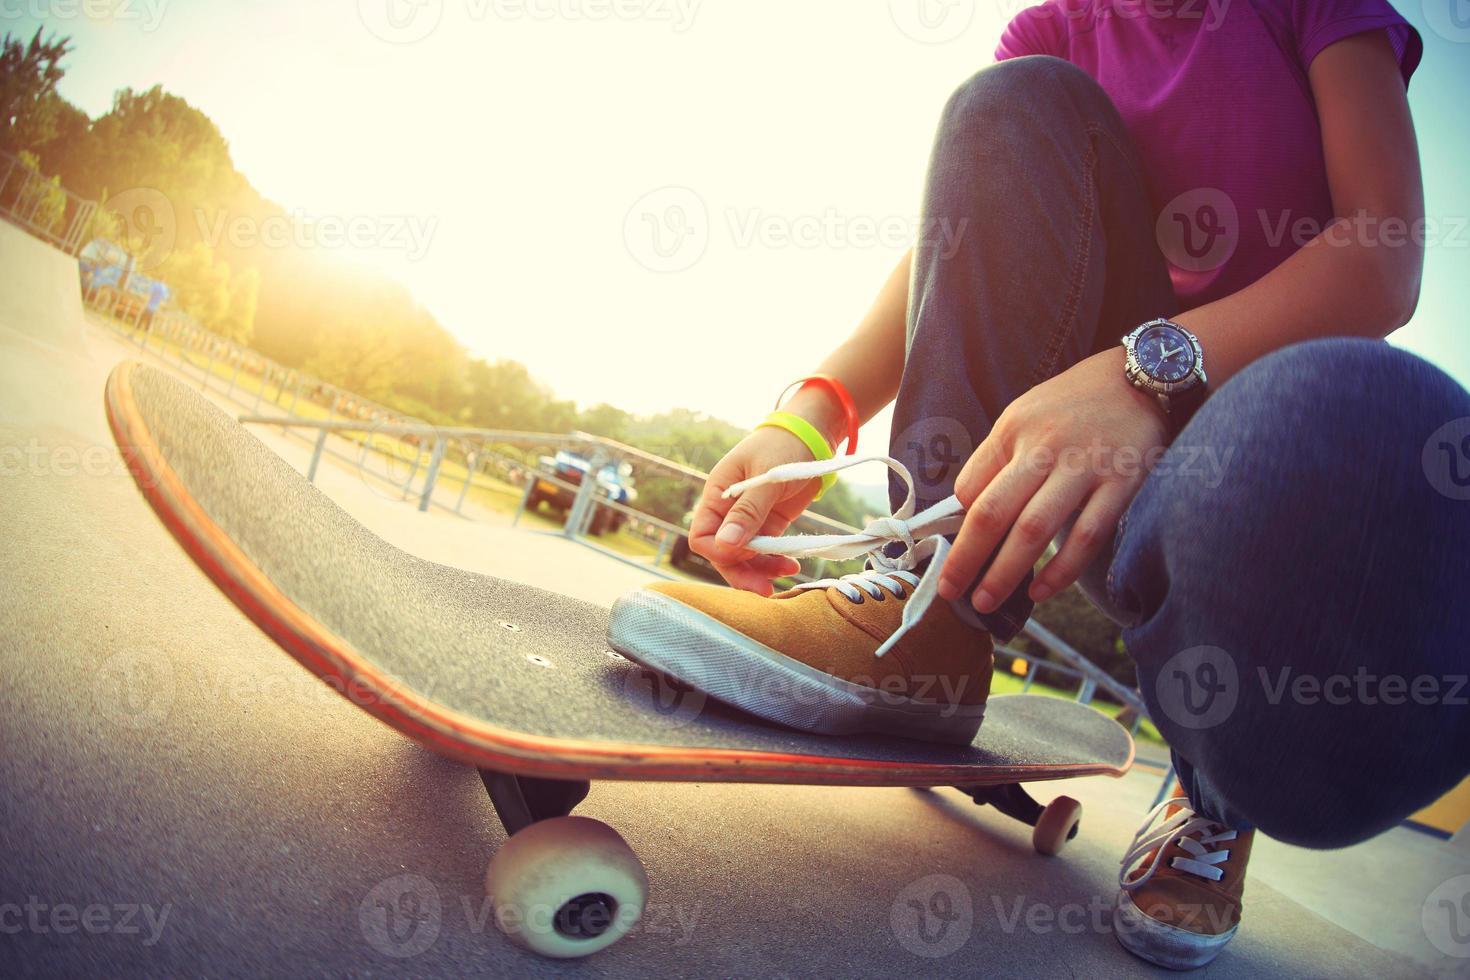 jovem skatista asiática amarrar cadarço no skate foto